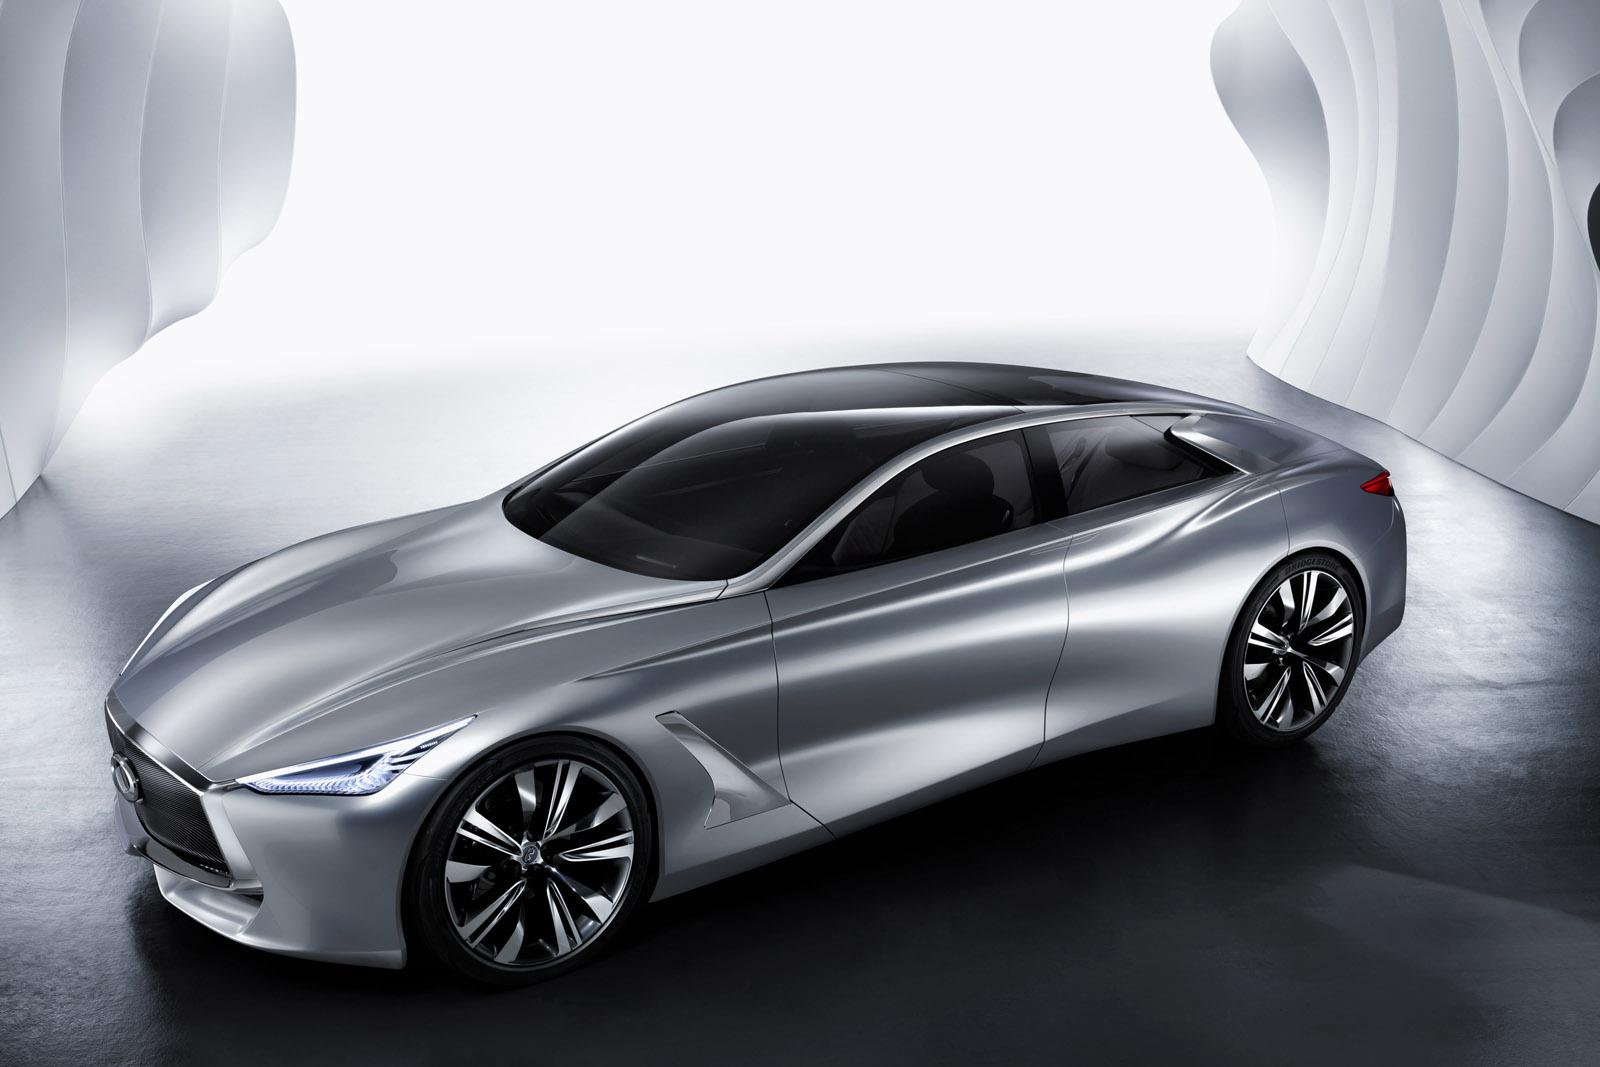 Infiniti Q80 ra mắt tại triển lãm xe hơi Paris 2014